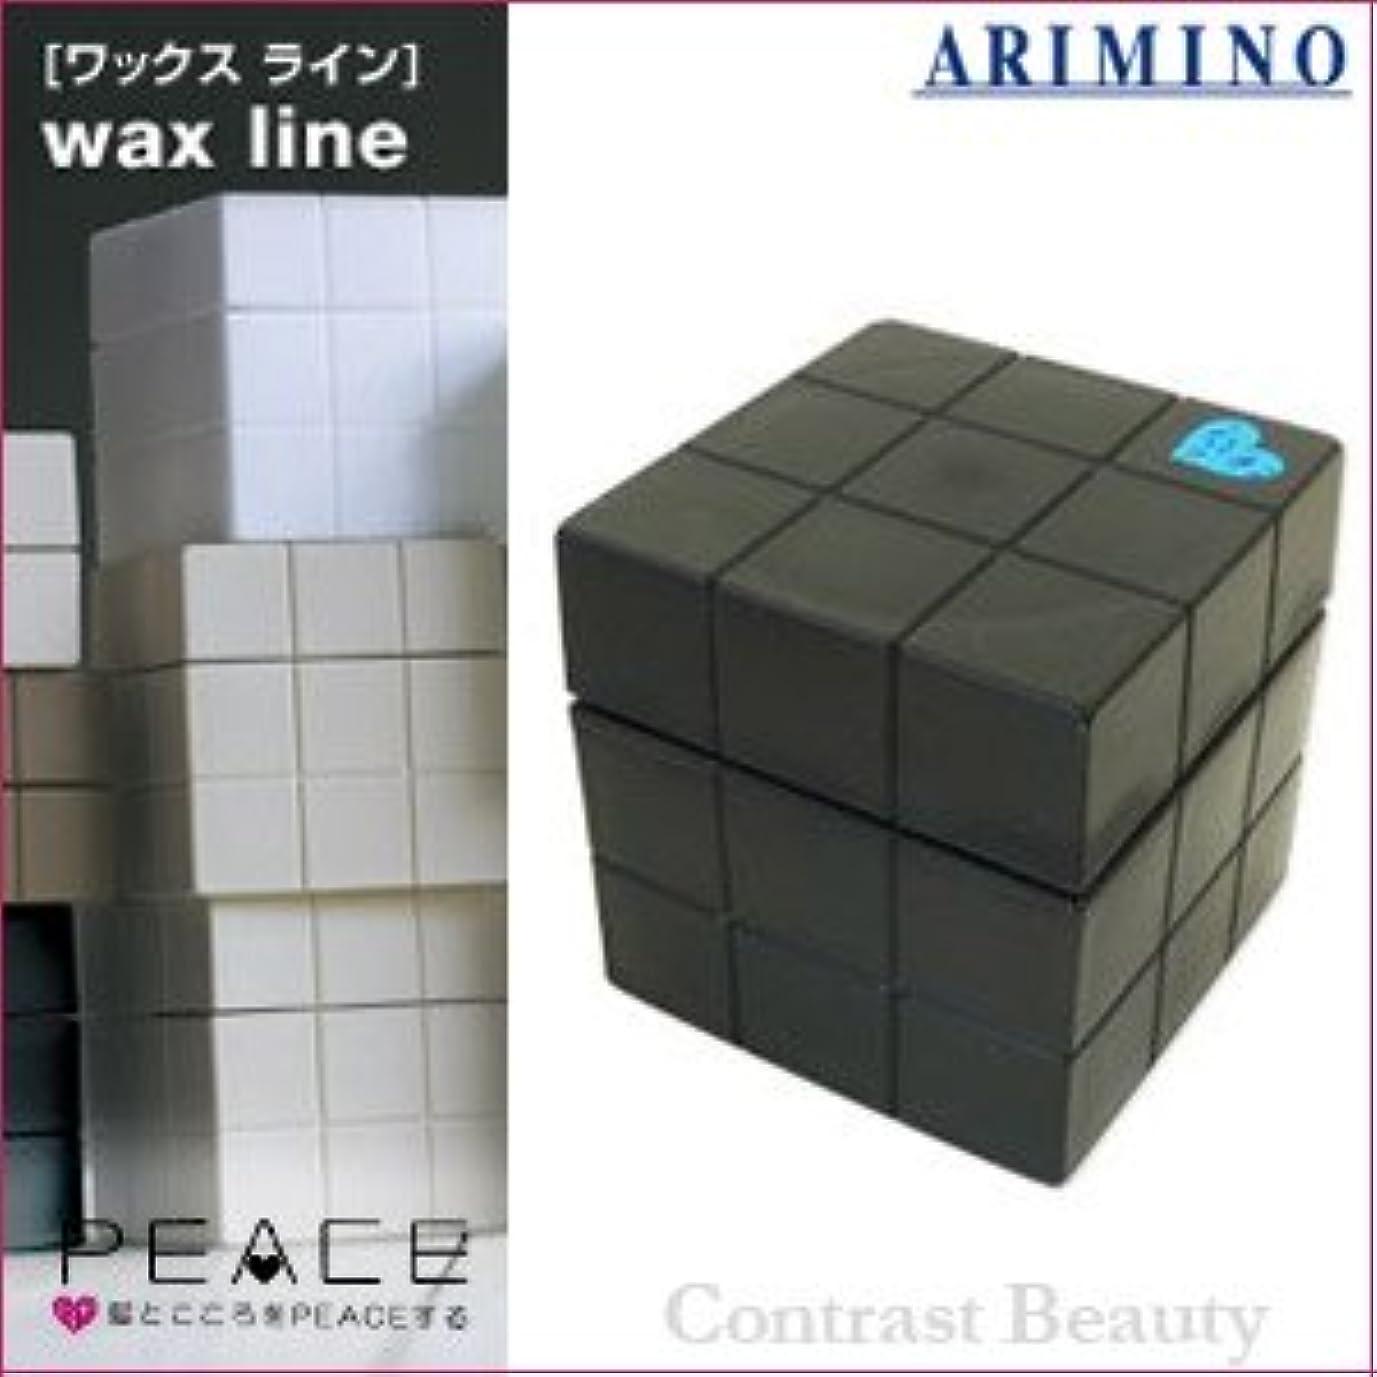 提案する援助ステッチ【X4個セット】 アリミノ ピース プロデザインシリーズ フリーズキープワックス ブラック 80g